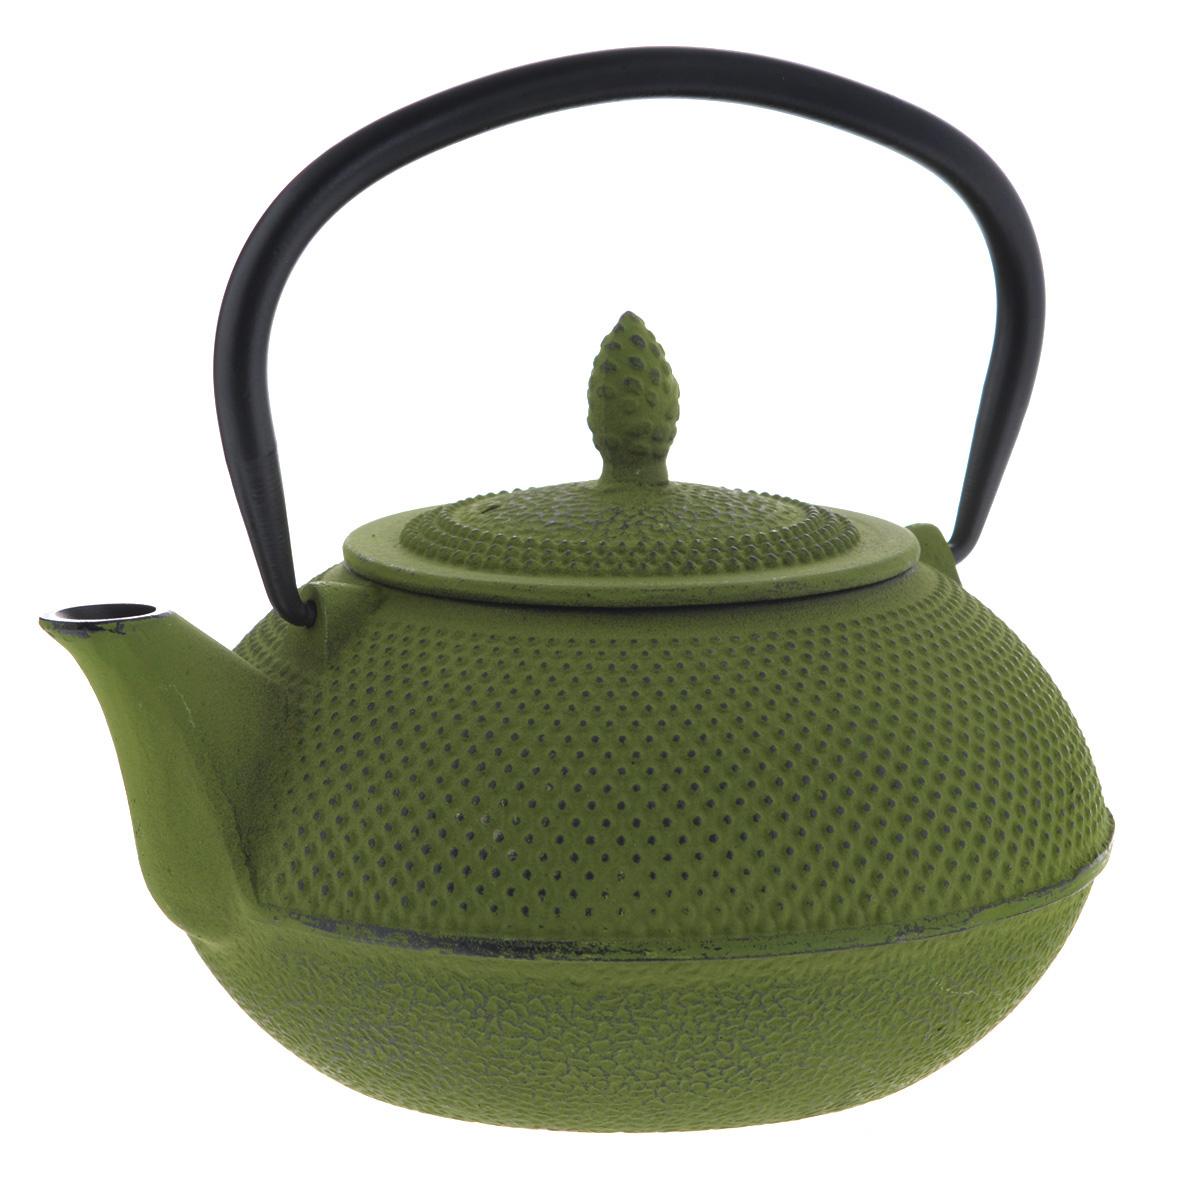 Чайник заварочный Mayer & Boch с ситечком, цвет: зеленый, 1 л23699Чайник заварочный Mayer & Boch изготовлен из чугуна - экологически чистого материала, который не тускнеет и не деформируется. Он долговечен и устойчив к воздействию высоких температур. Внешнее покрытие кремнийорганический термостойкий лак. Главное достоинство чугунного чайника - способность длительно сохранять тепло, чай в таком чайнике сохраняет свой вкус и свежий аромат долгое время. Чайник оснащен прочной металлической ручкой. В комплекте - ситечко из нержавеющей стали, которое задерживает чаинки и предотвращает их попадание в чашку. Восточный стиль, приятная цветовая гамма и оптимальный объем делают чайник Mayer & Boch удобным и оригинальным аксессуаром, который прекрасно подойдет как для ежедневного использования, так и для специальной чайной церемонии. Высота чайника (без учета крышки и ручки): 9 см. Диаметр чайника (по верхнему краю): 8 см. Диаметр основания чайника: 9,5 см. Размер ситечка: 8 см х 8 см х 6 см.